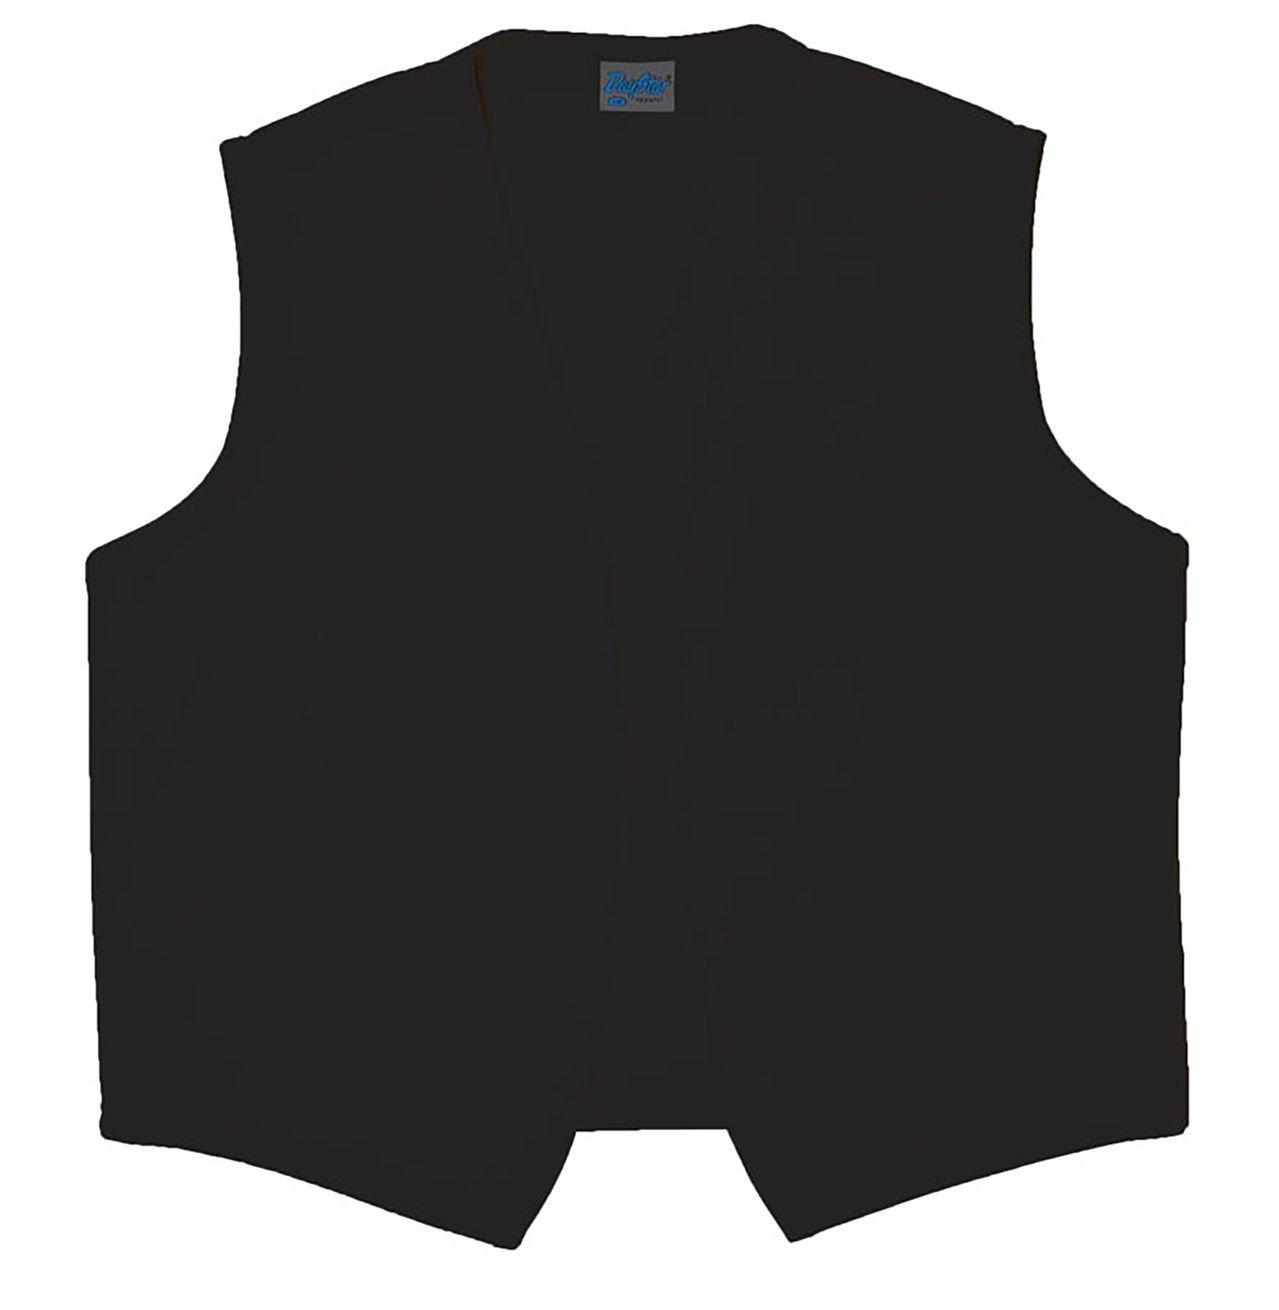 Style A740NP High Quality No Pocket Unisex Uniform Vest - Black, X-Large